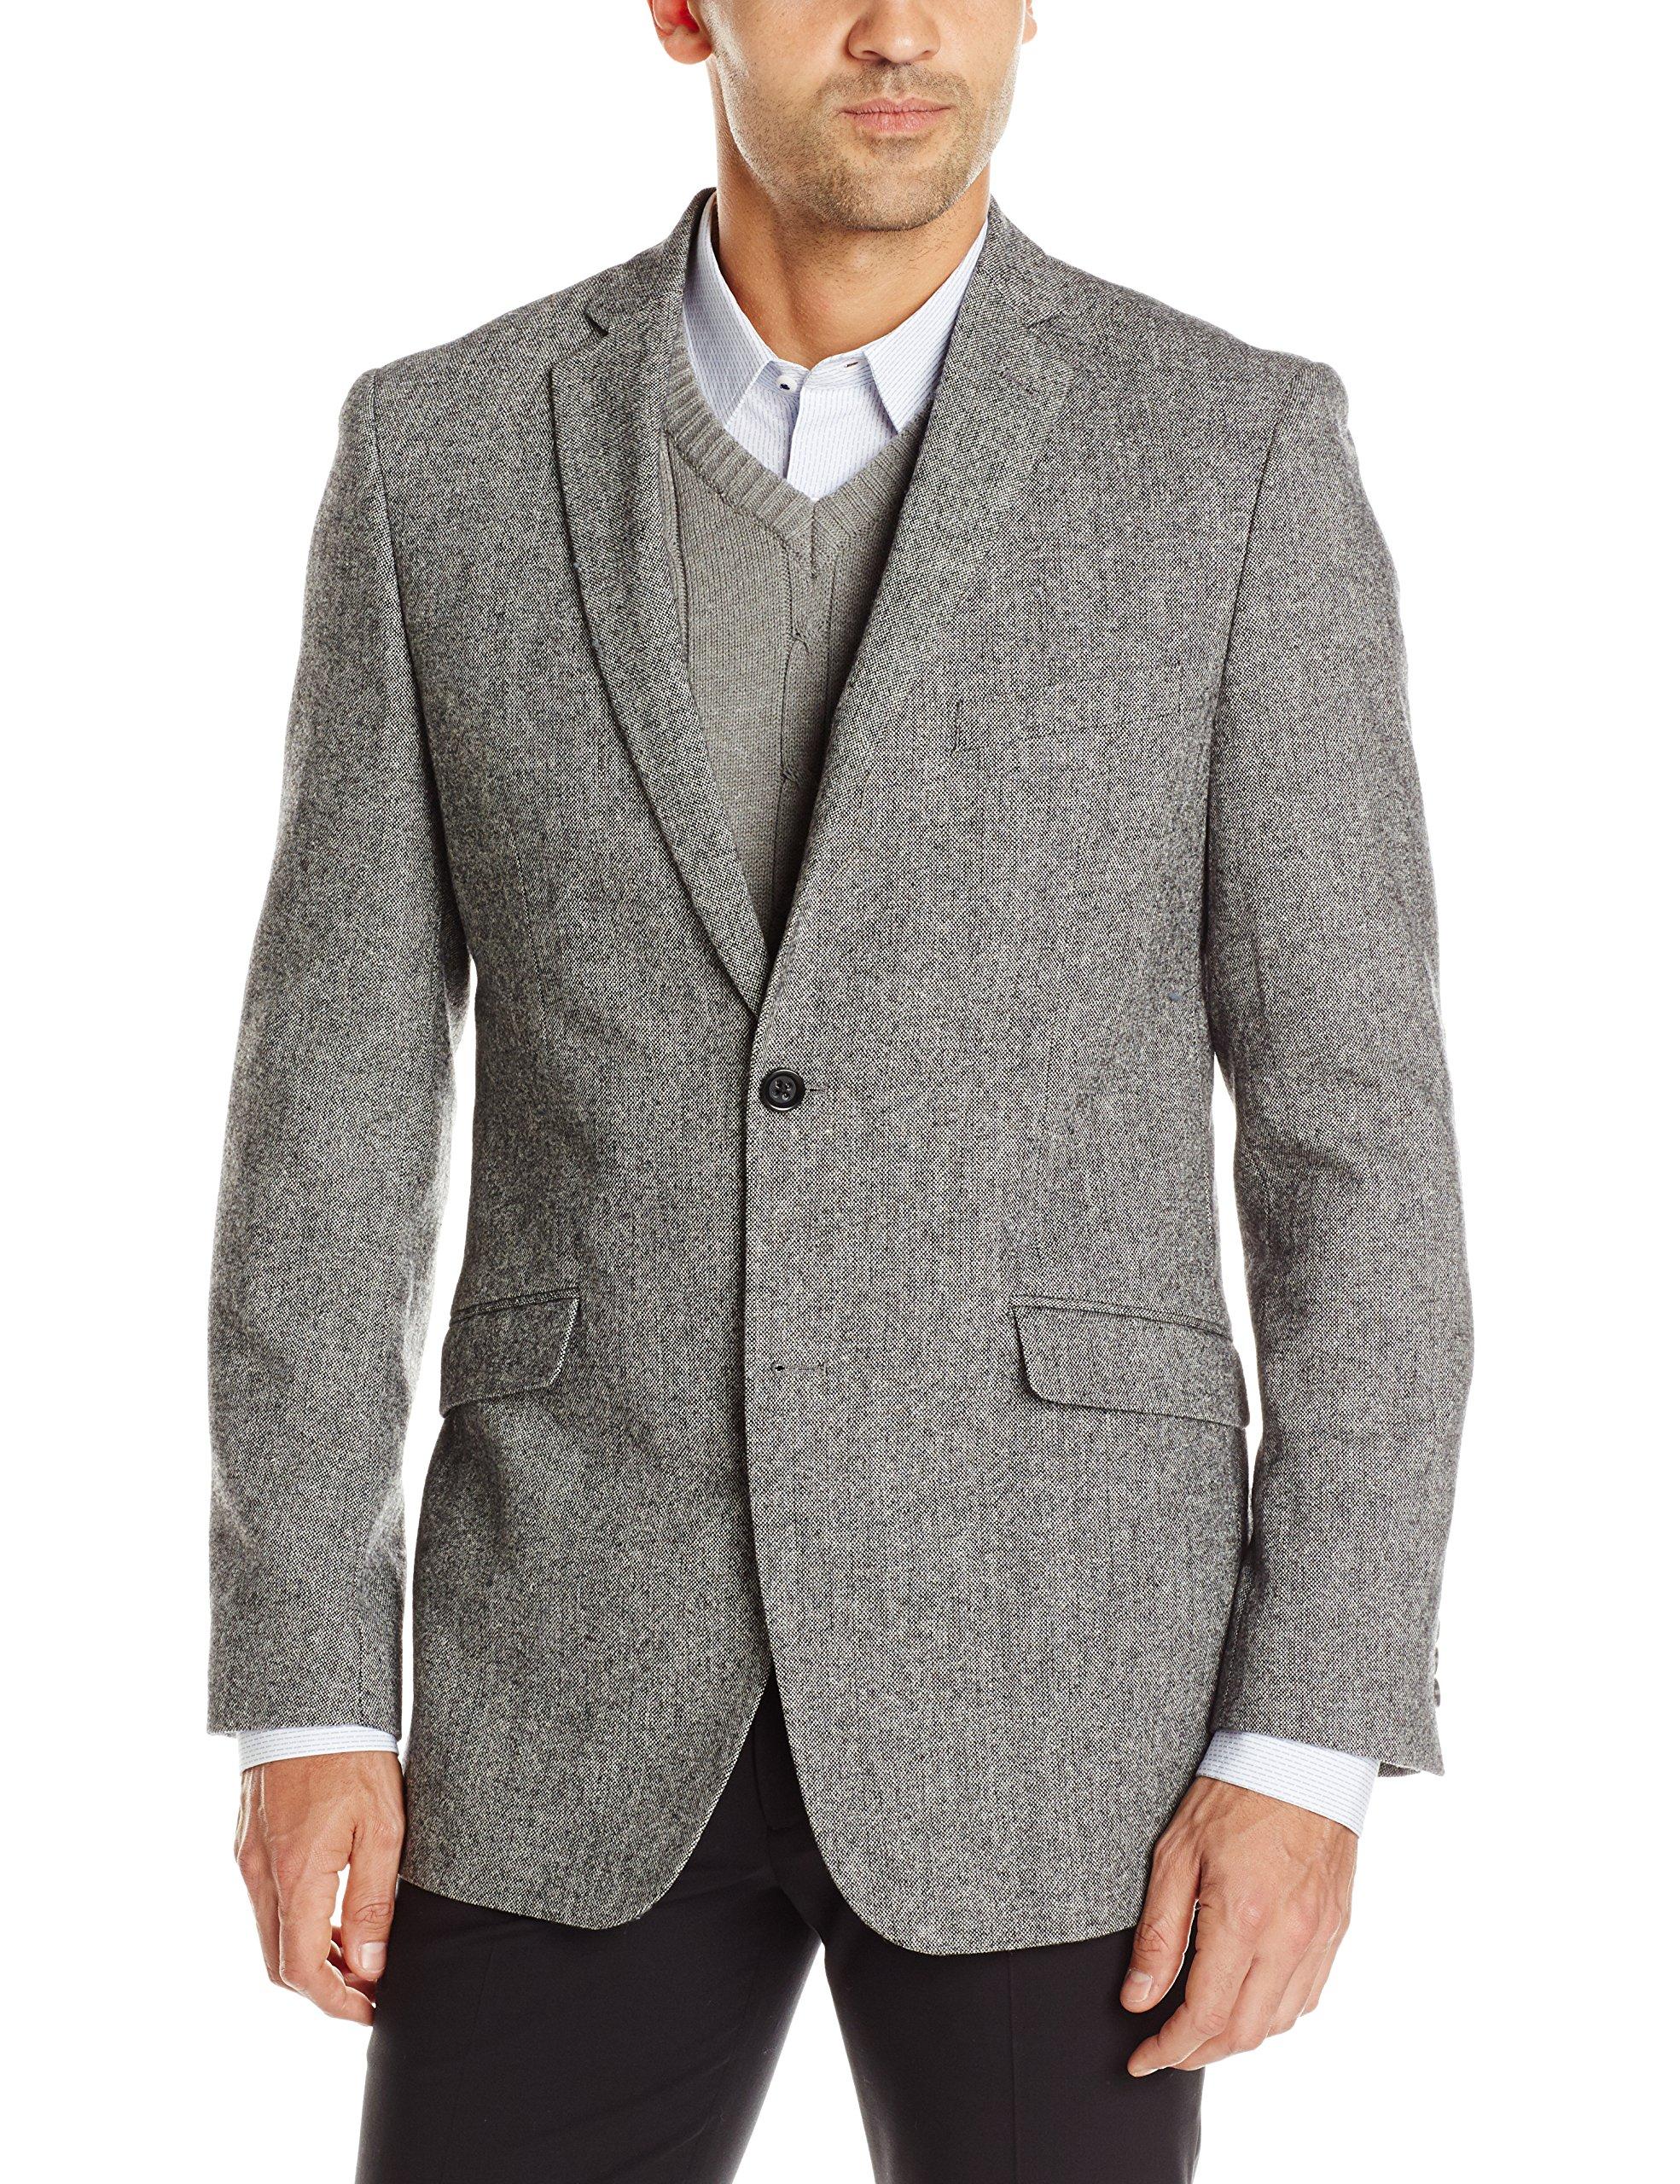 U.S. Polo Assn. Men's Wool Donegal Sport Coat, Gray, 42 Regular